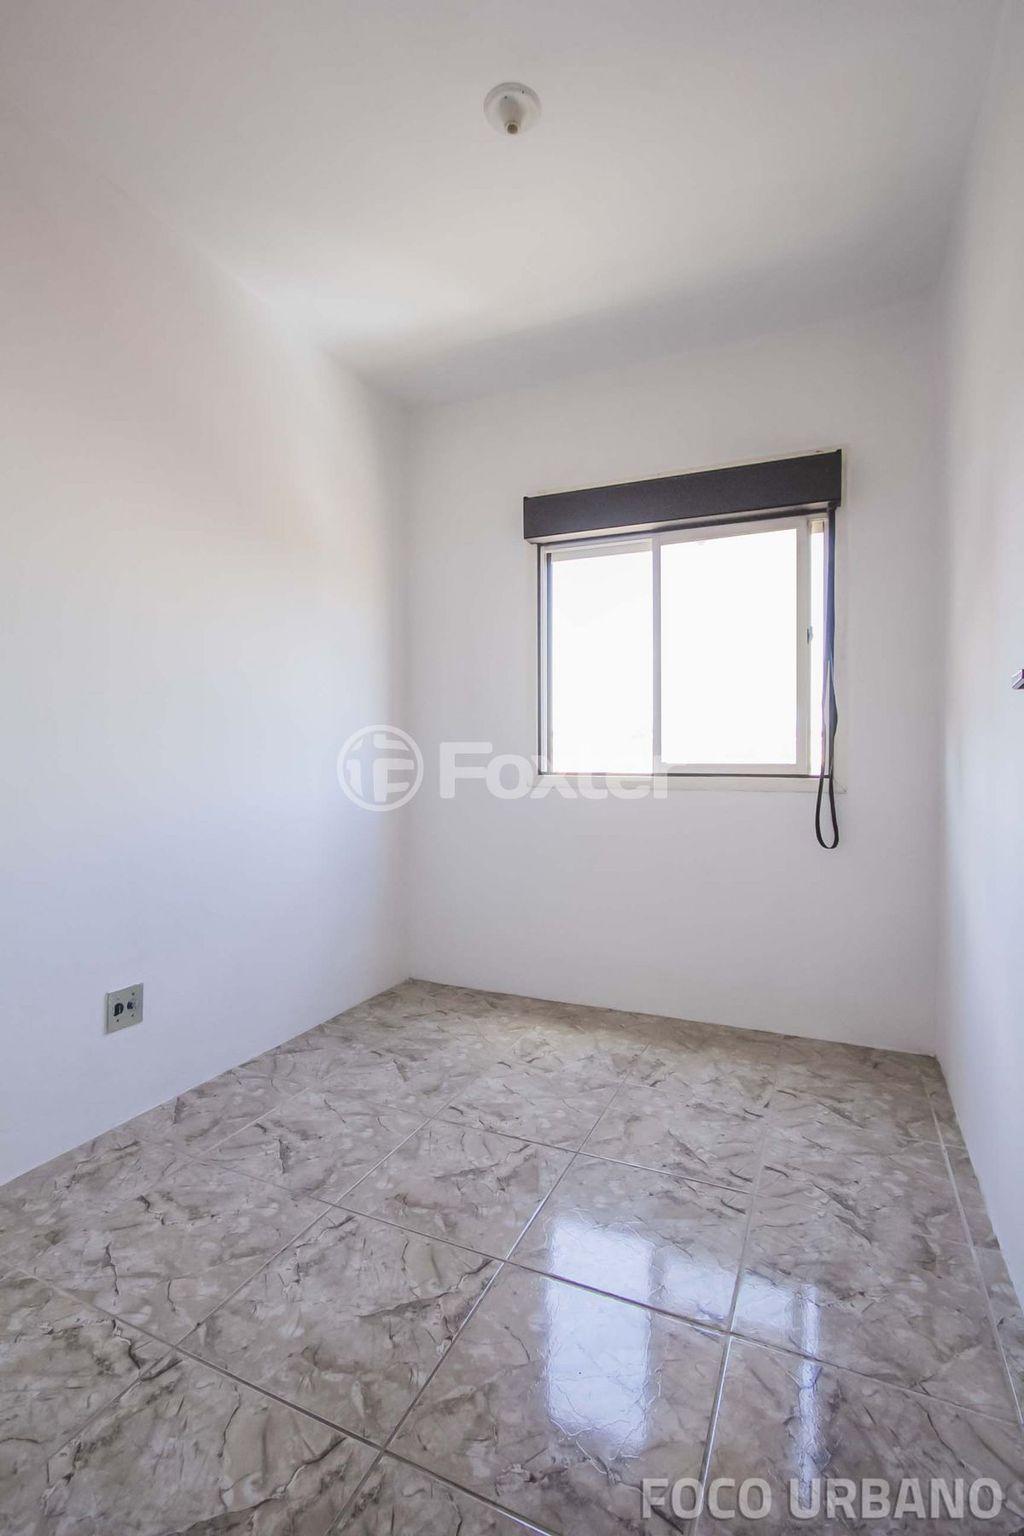 Apto 3 Dorm, Centro, Canoas (133799) - Foto 12